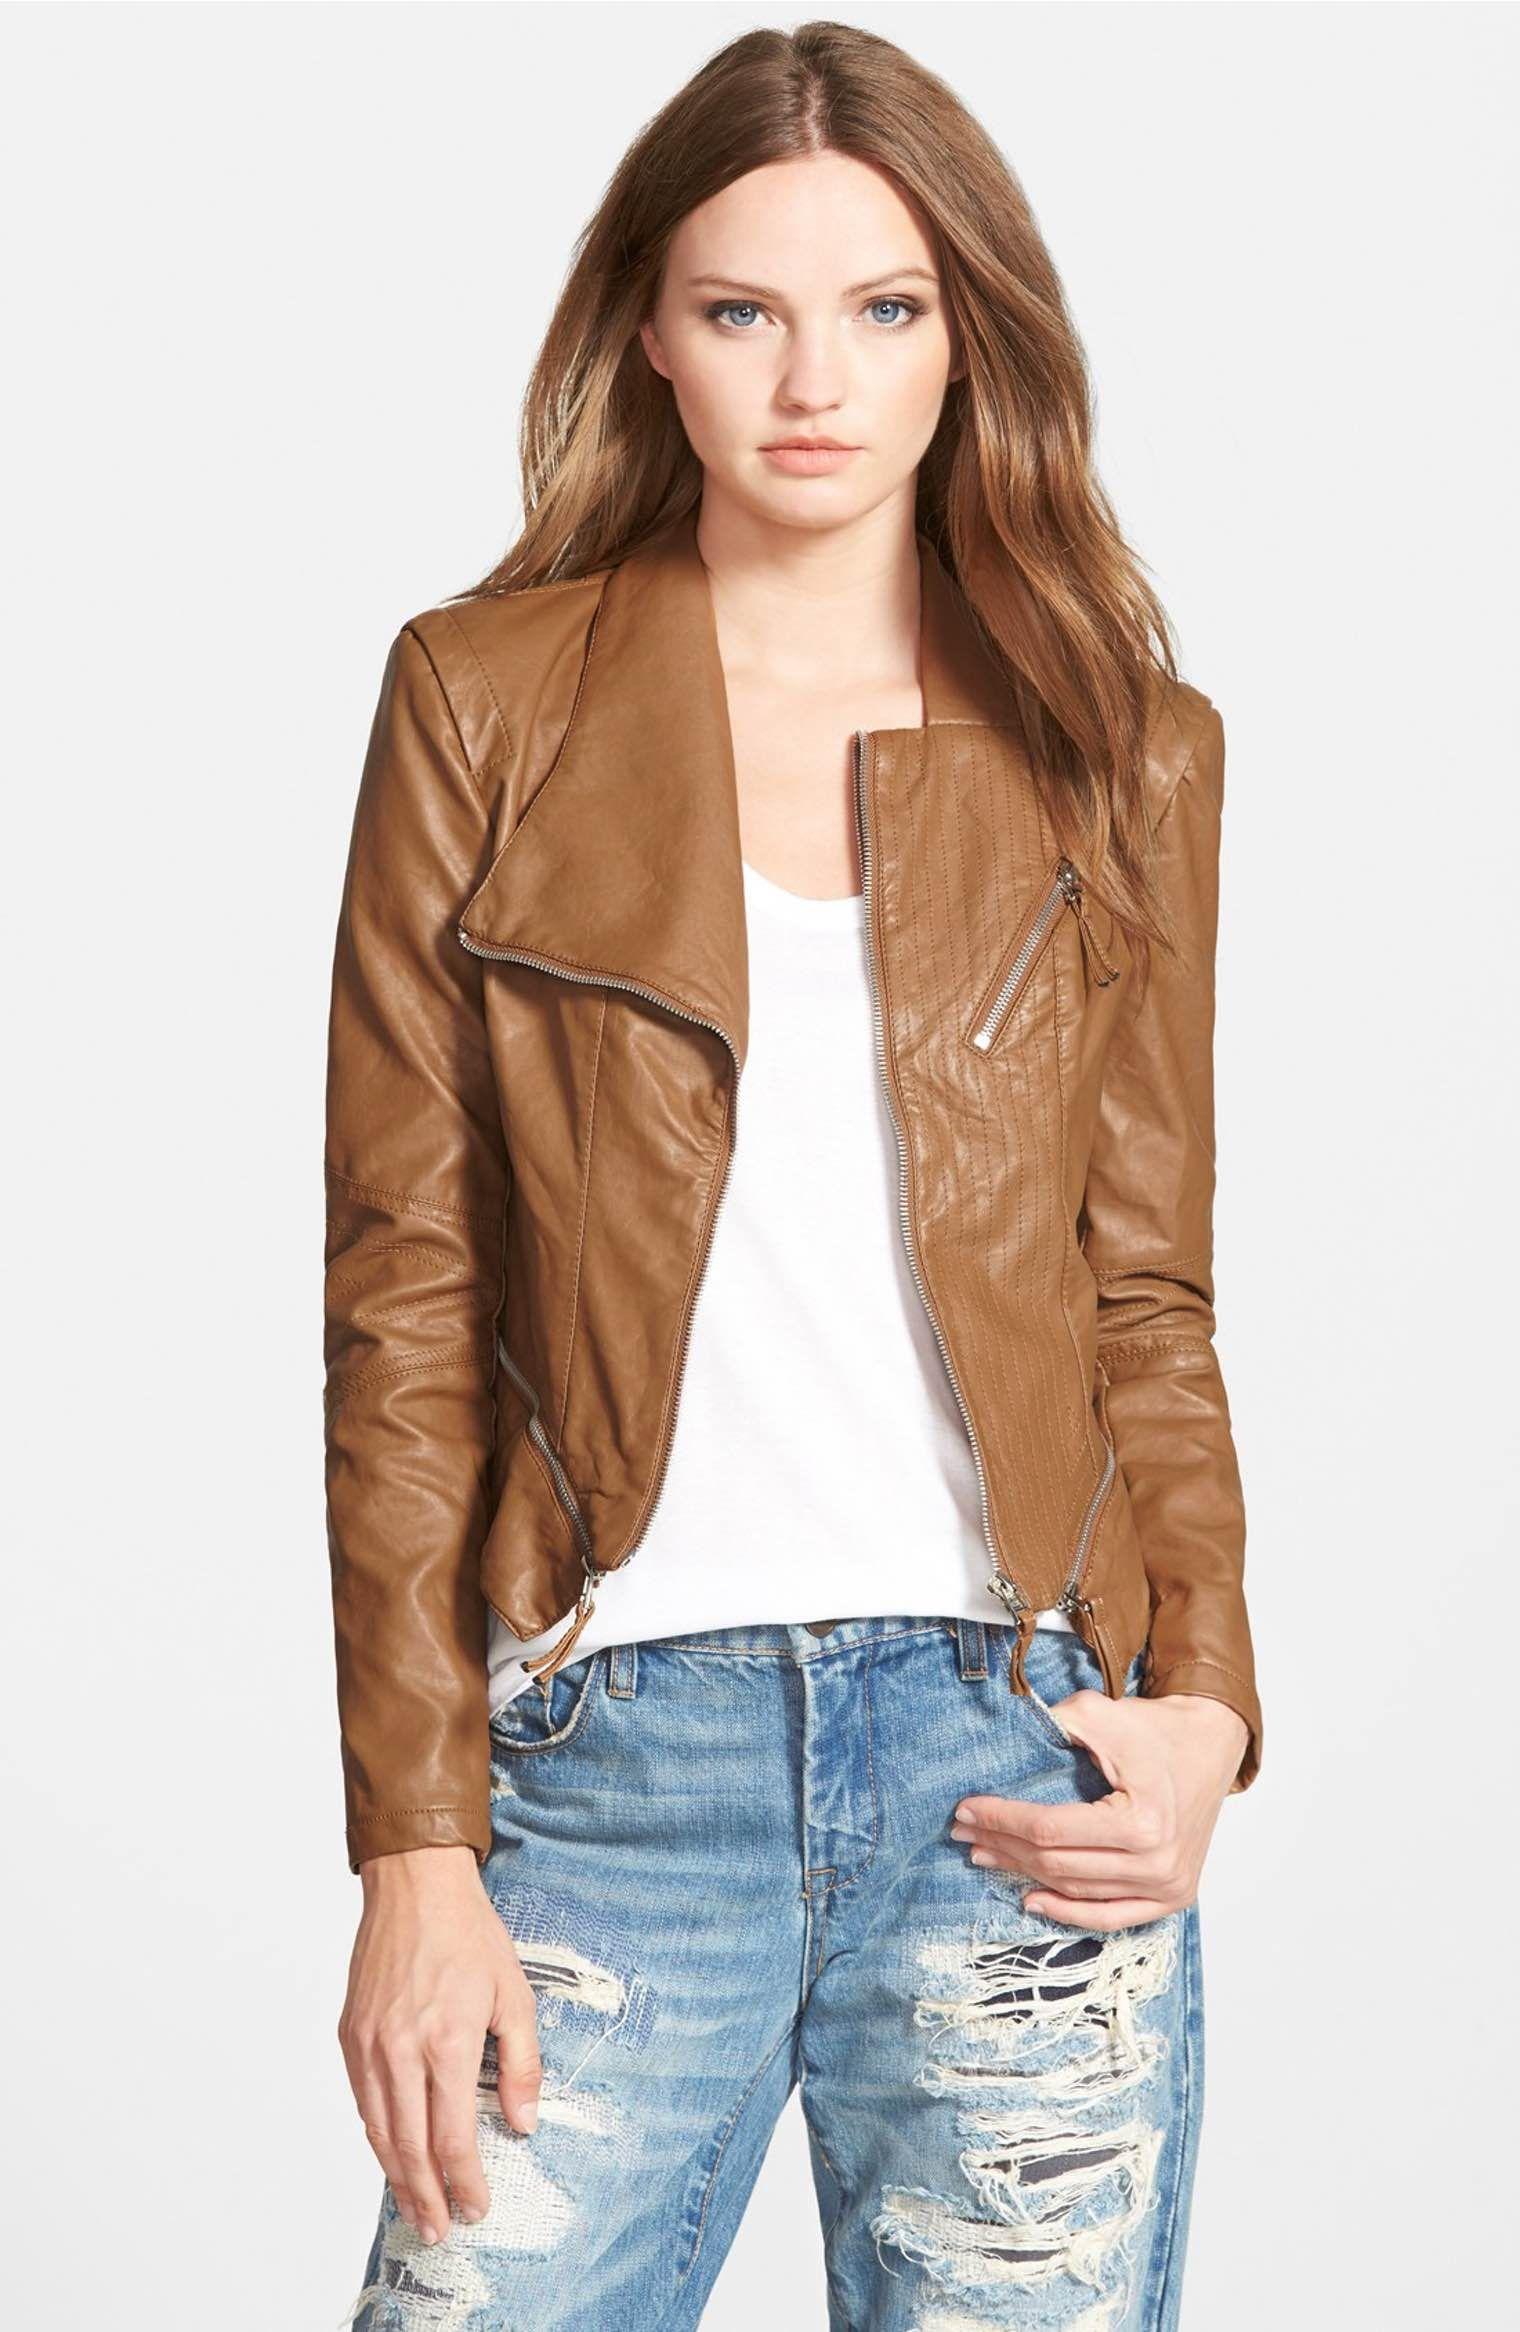 Main Image BLANKNYC Faux Leather Jacket Blanknyc faux